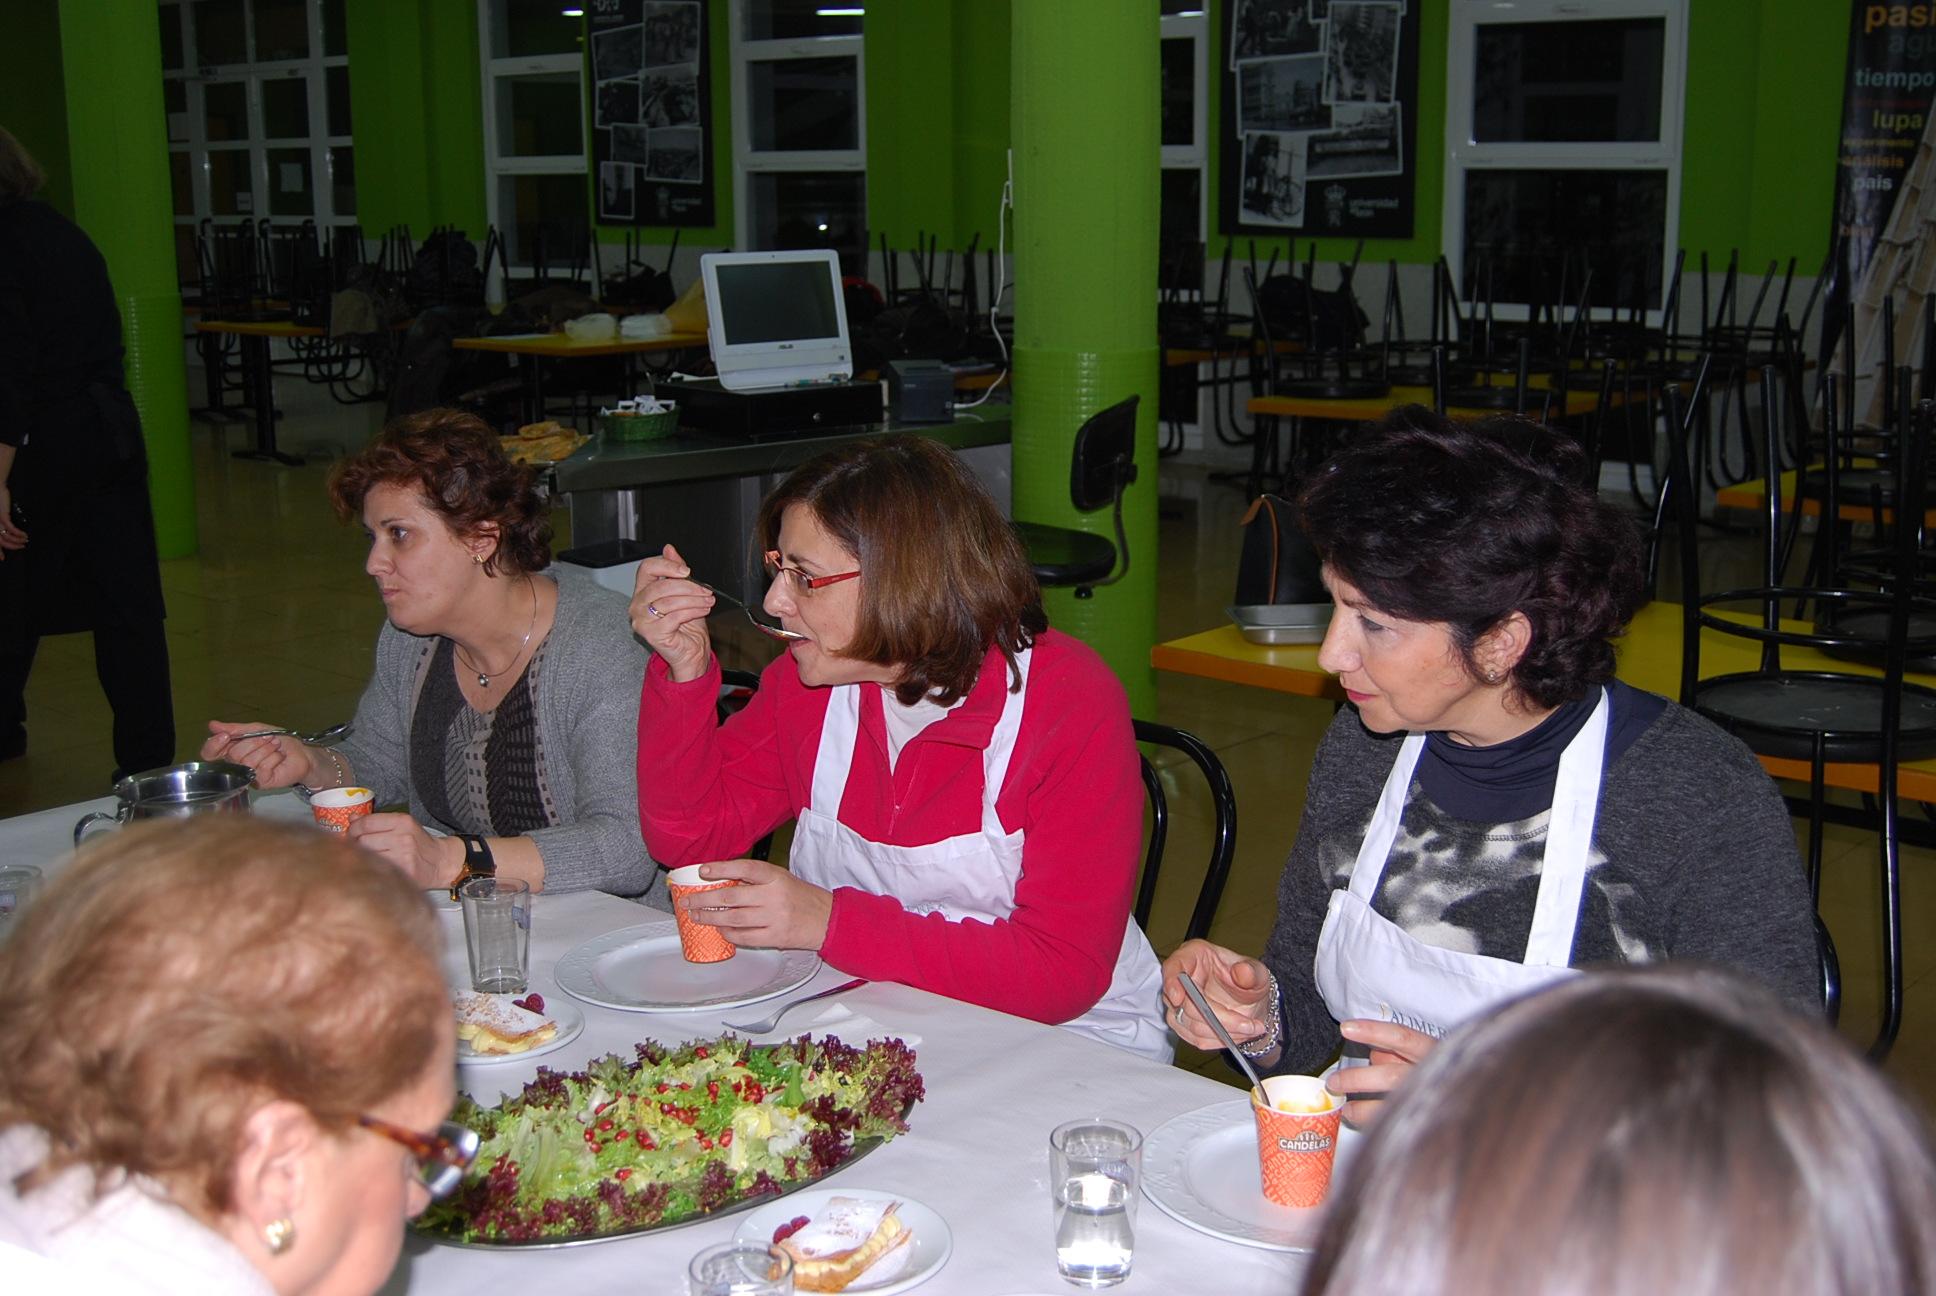 Taller cocina navide a 18 diciembre 2013 069 red - Cocina navidena espanola ...